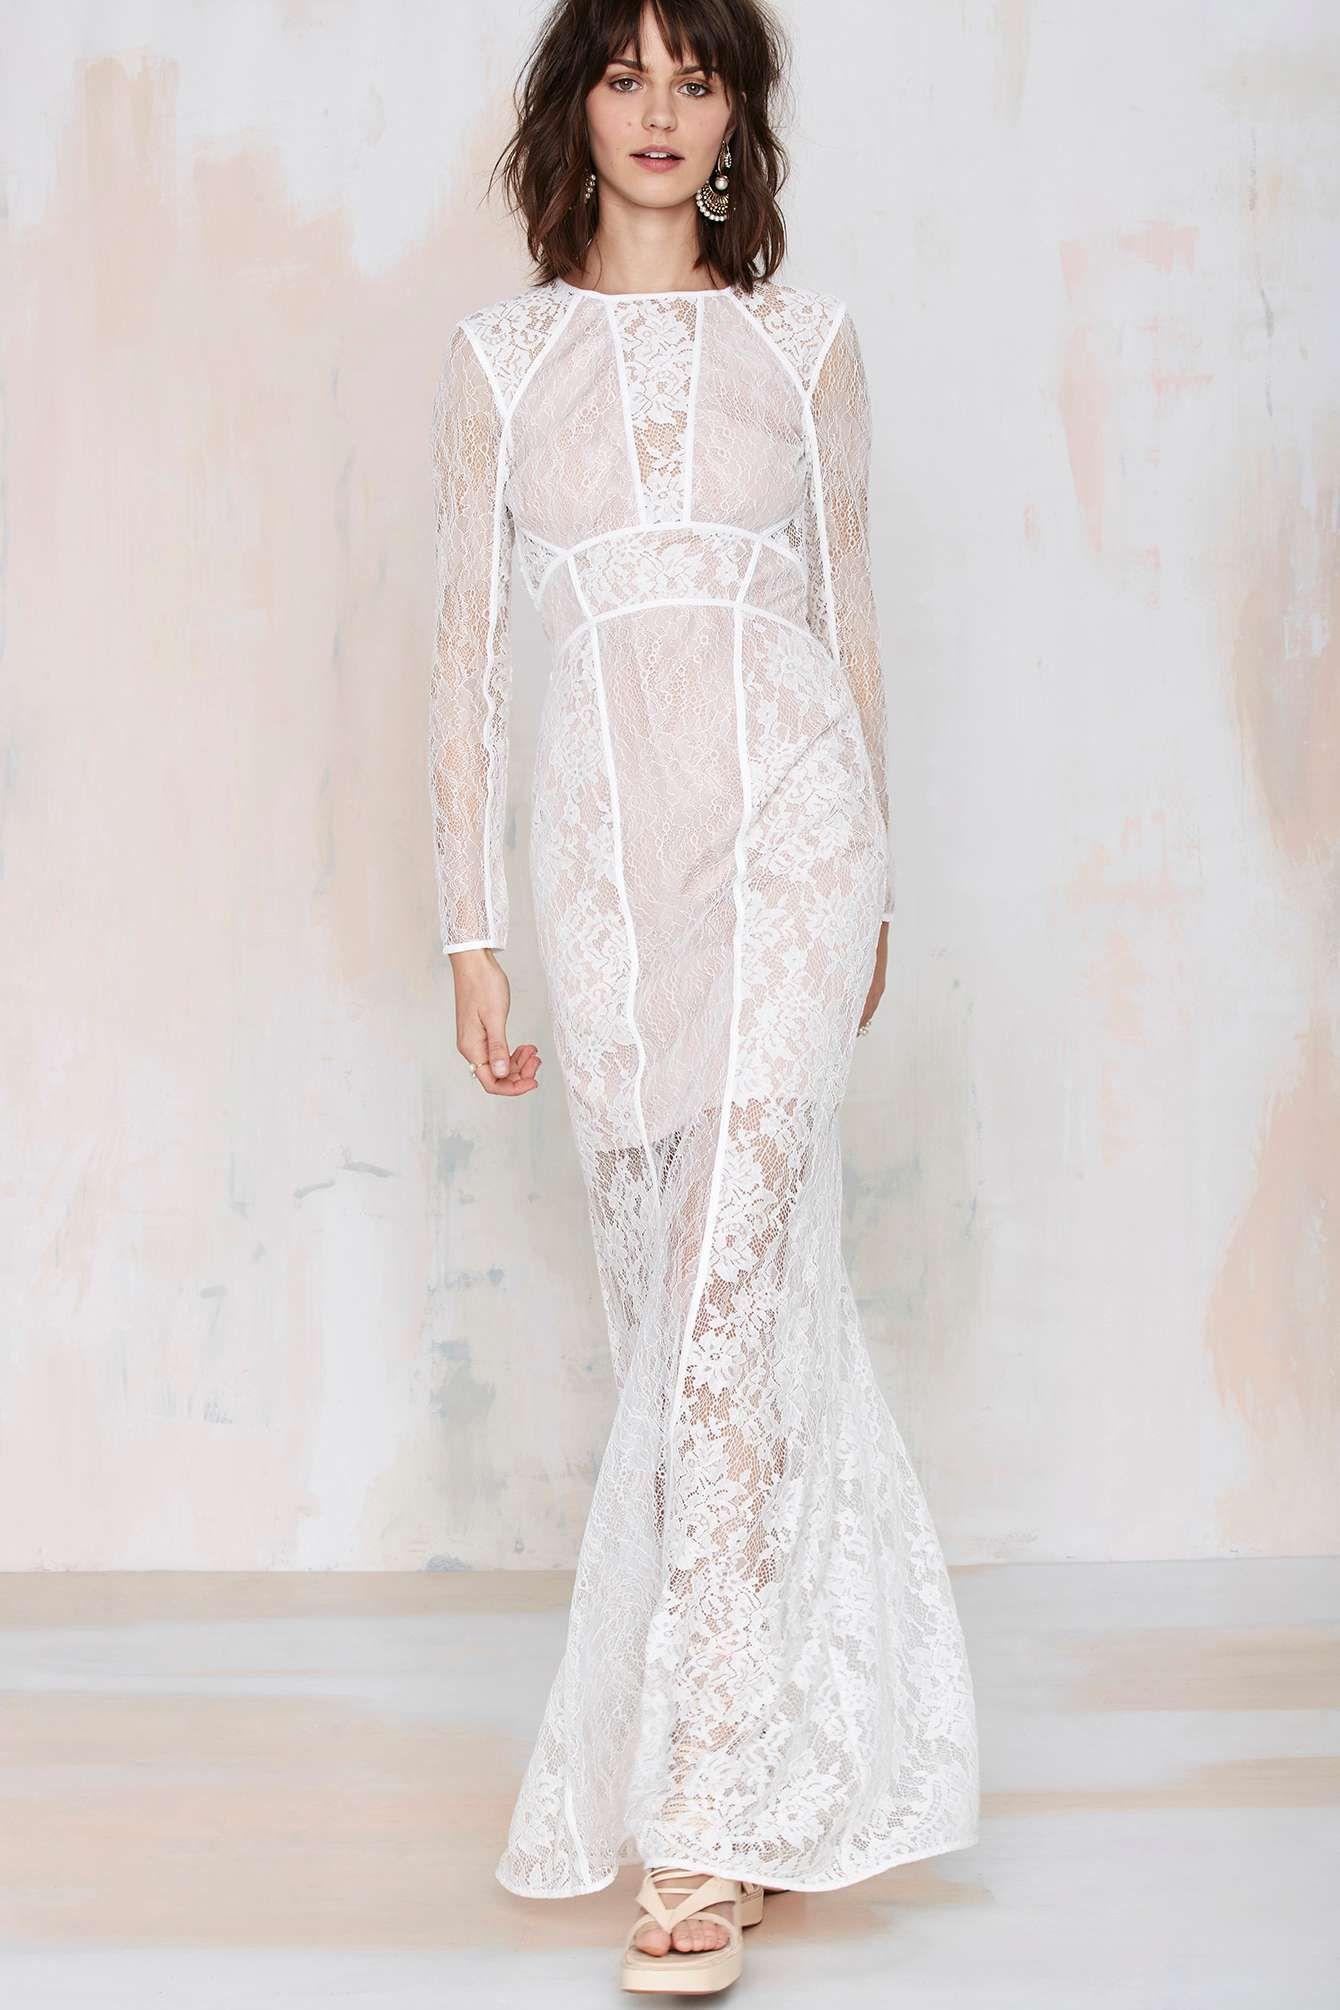 The escape lace dress fashion u style pinterest lace dress